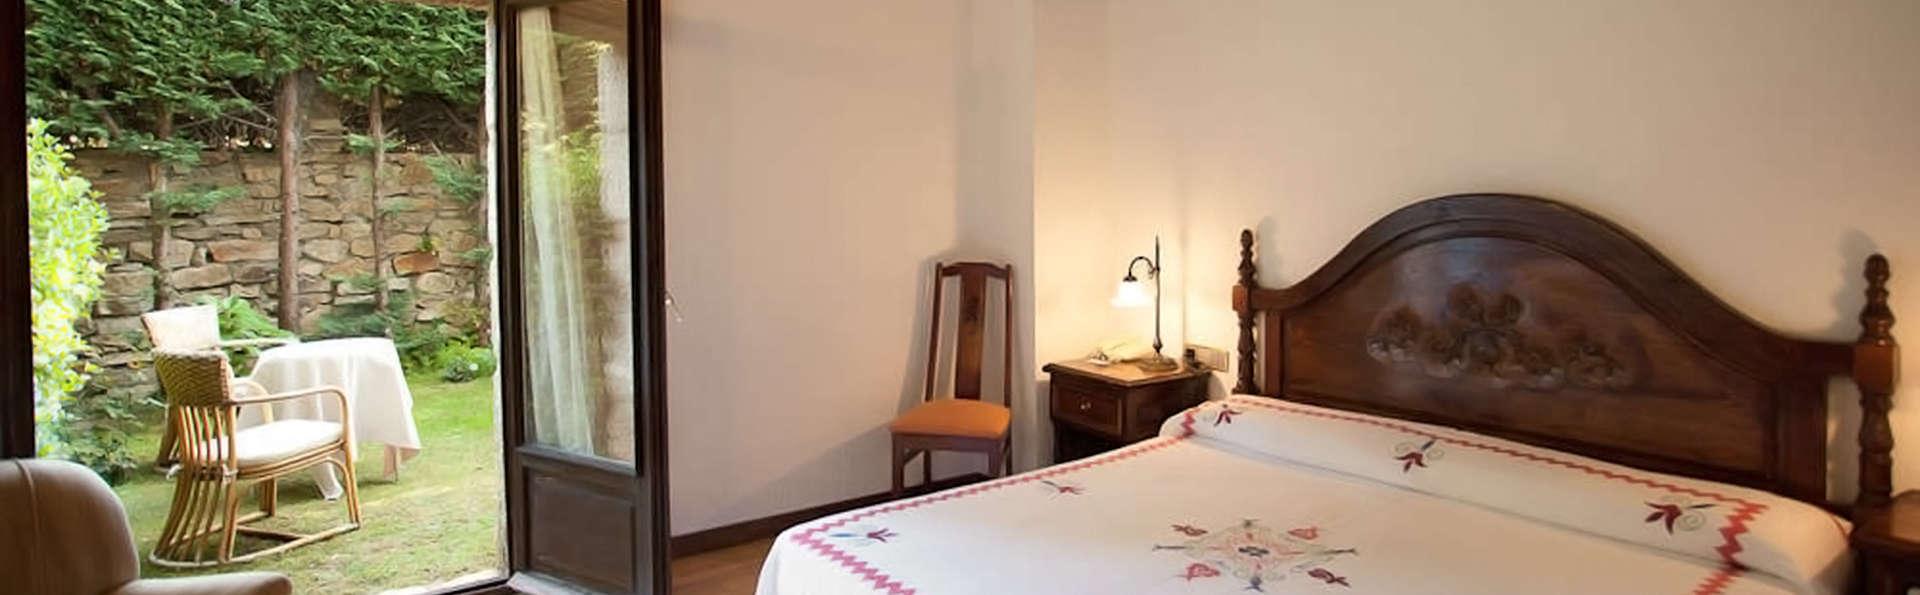 Escapada con Cena y Spa en la Alberca: donde gastronomía y belleza adquieren otra dimensión